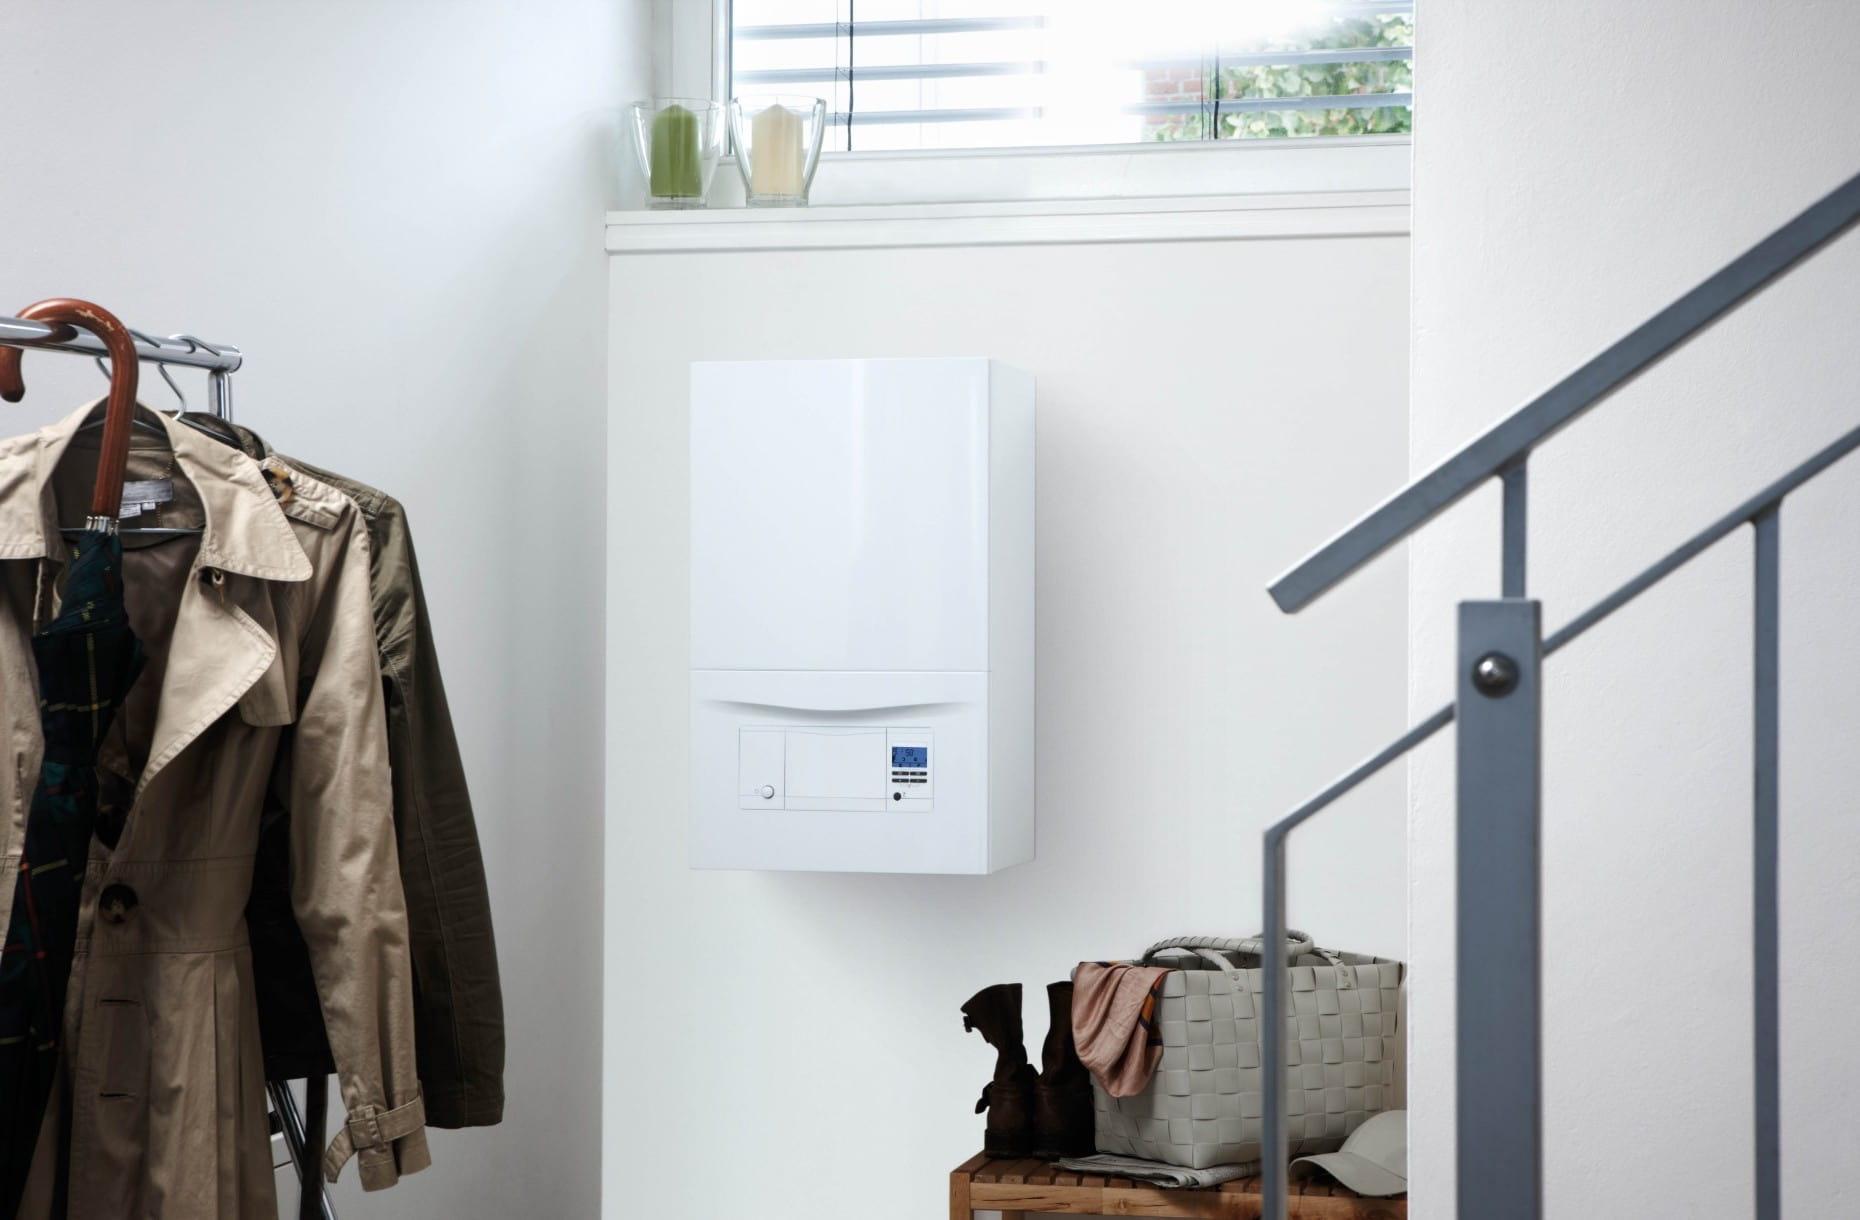 Les modèles modernes de chaudières électriques s'adaptent à tous les intérieurs.